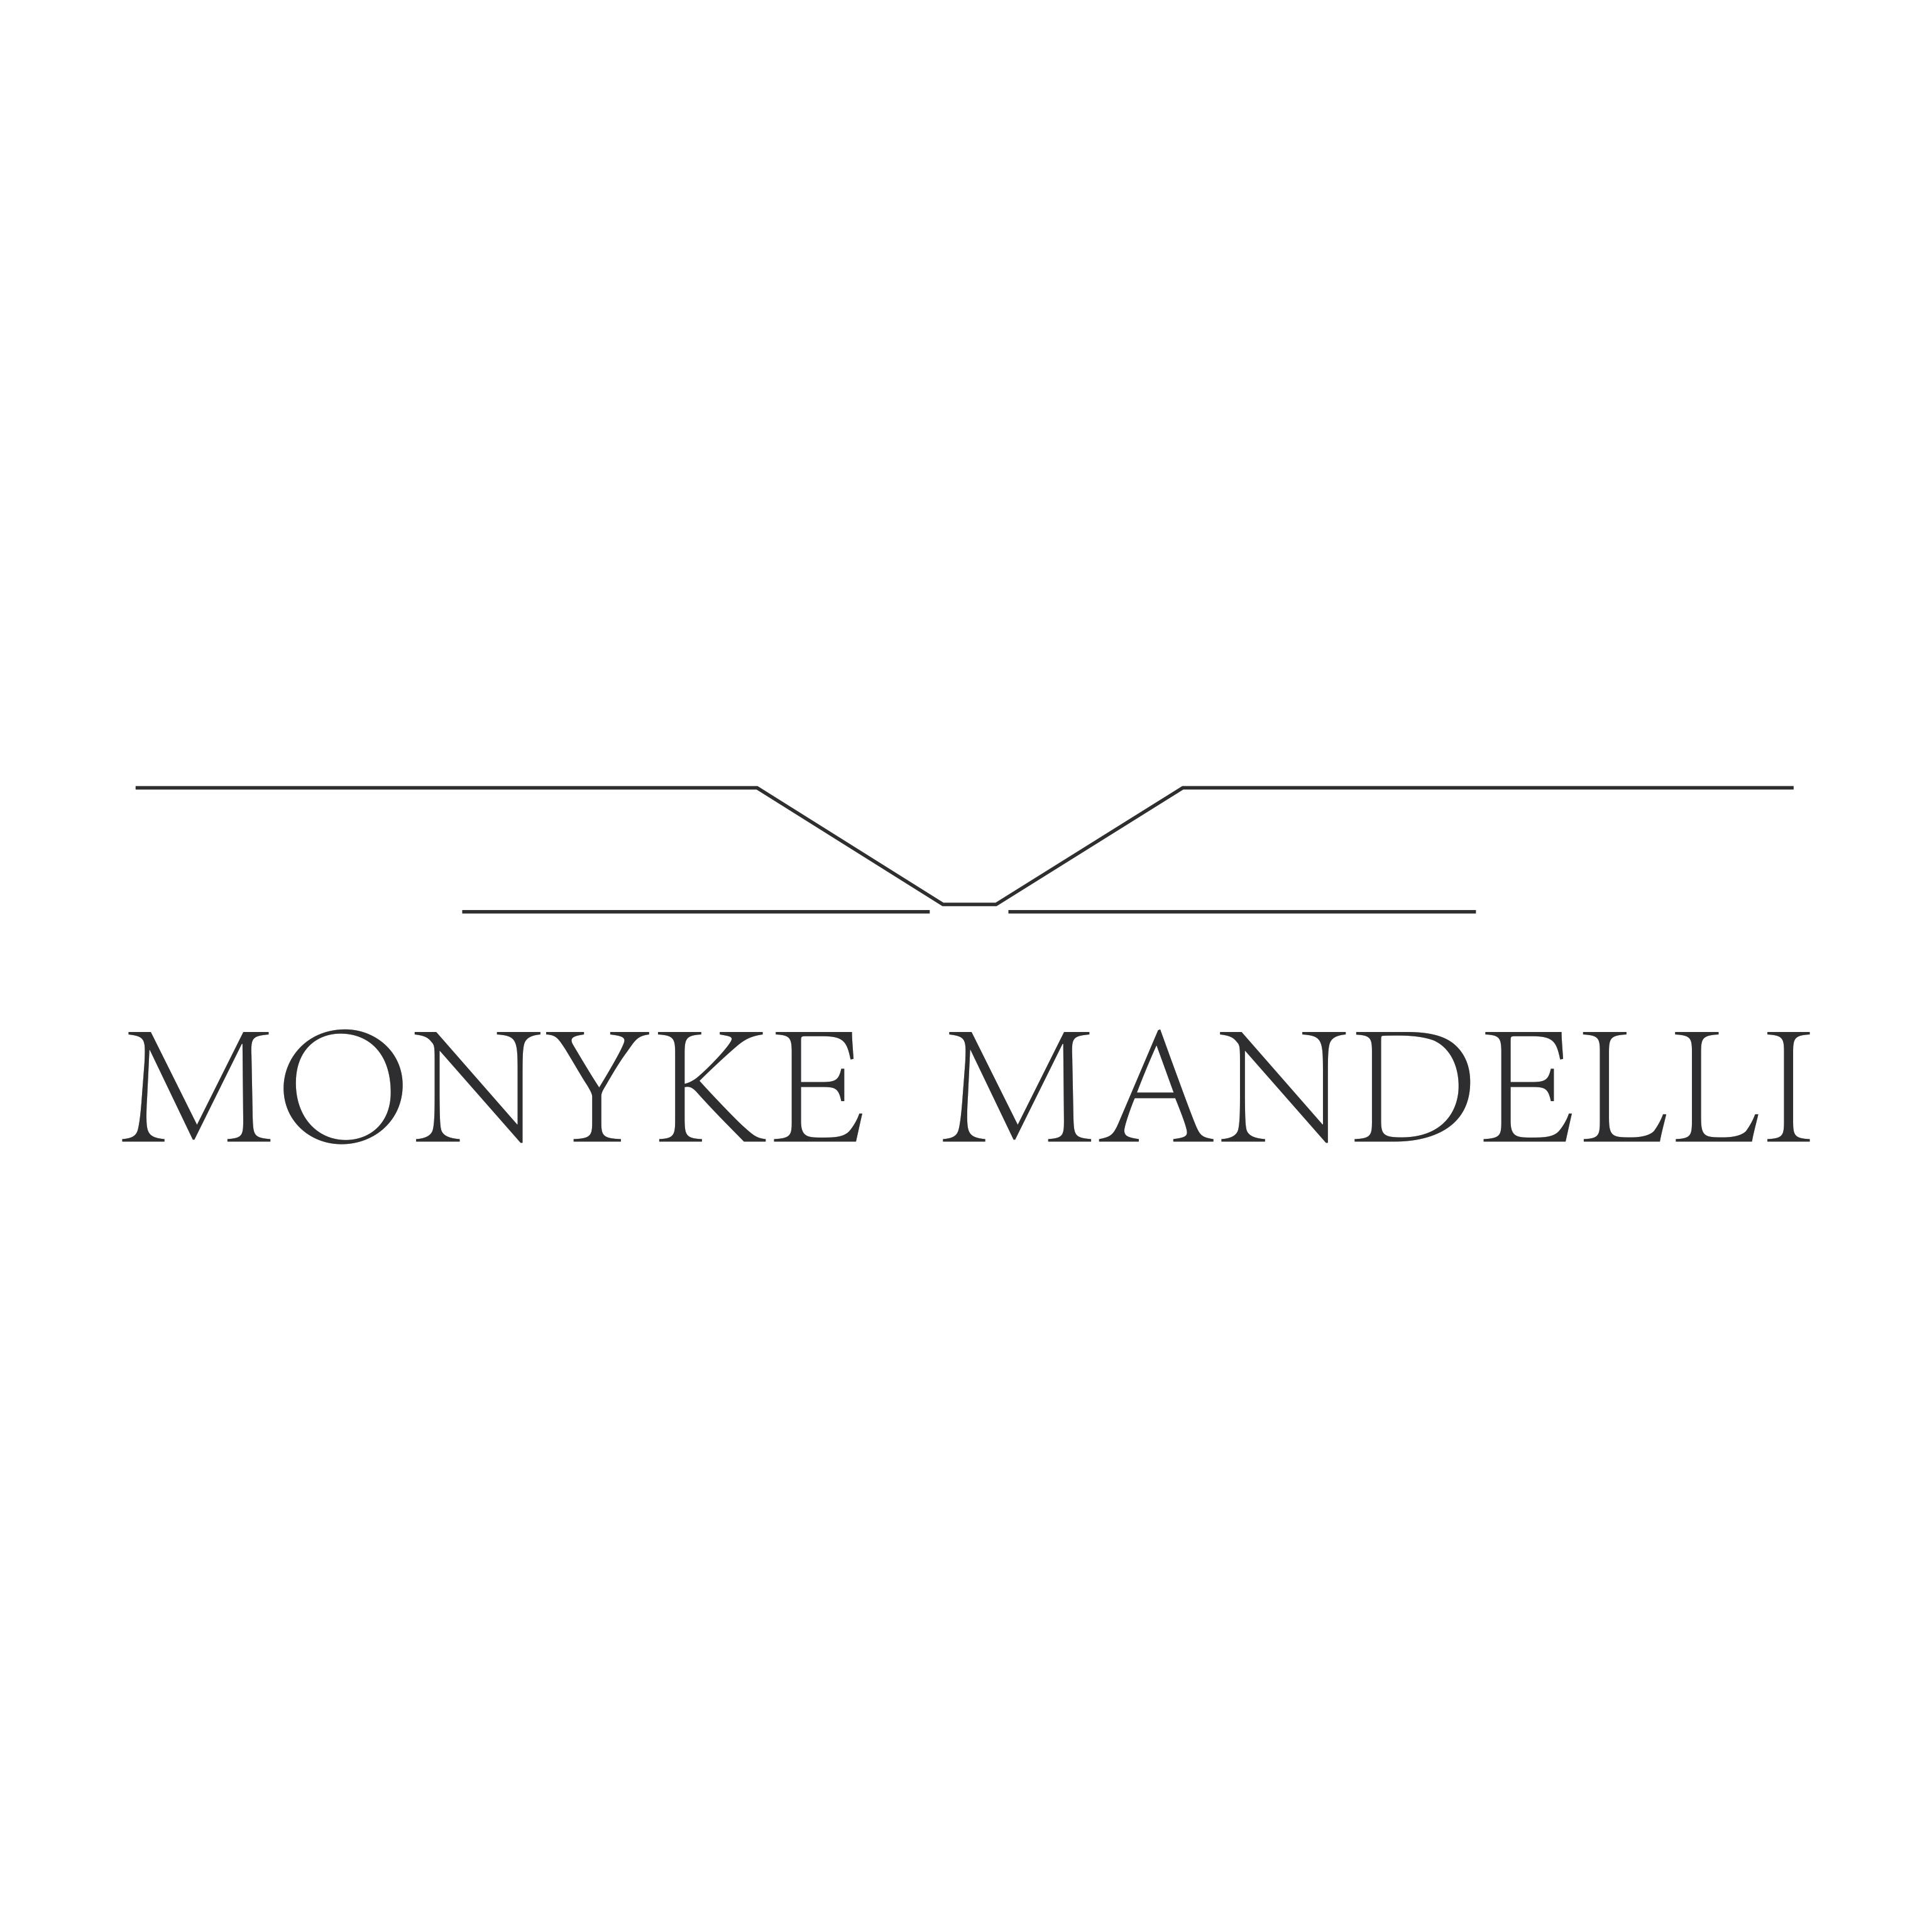 MONYKE MANDELLI